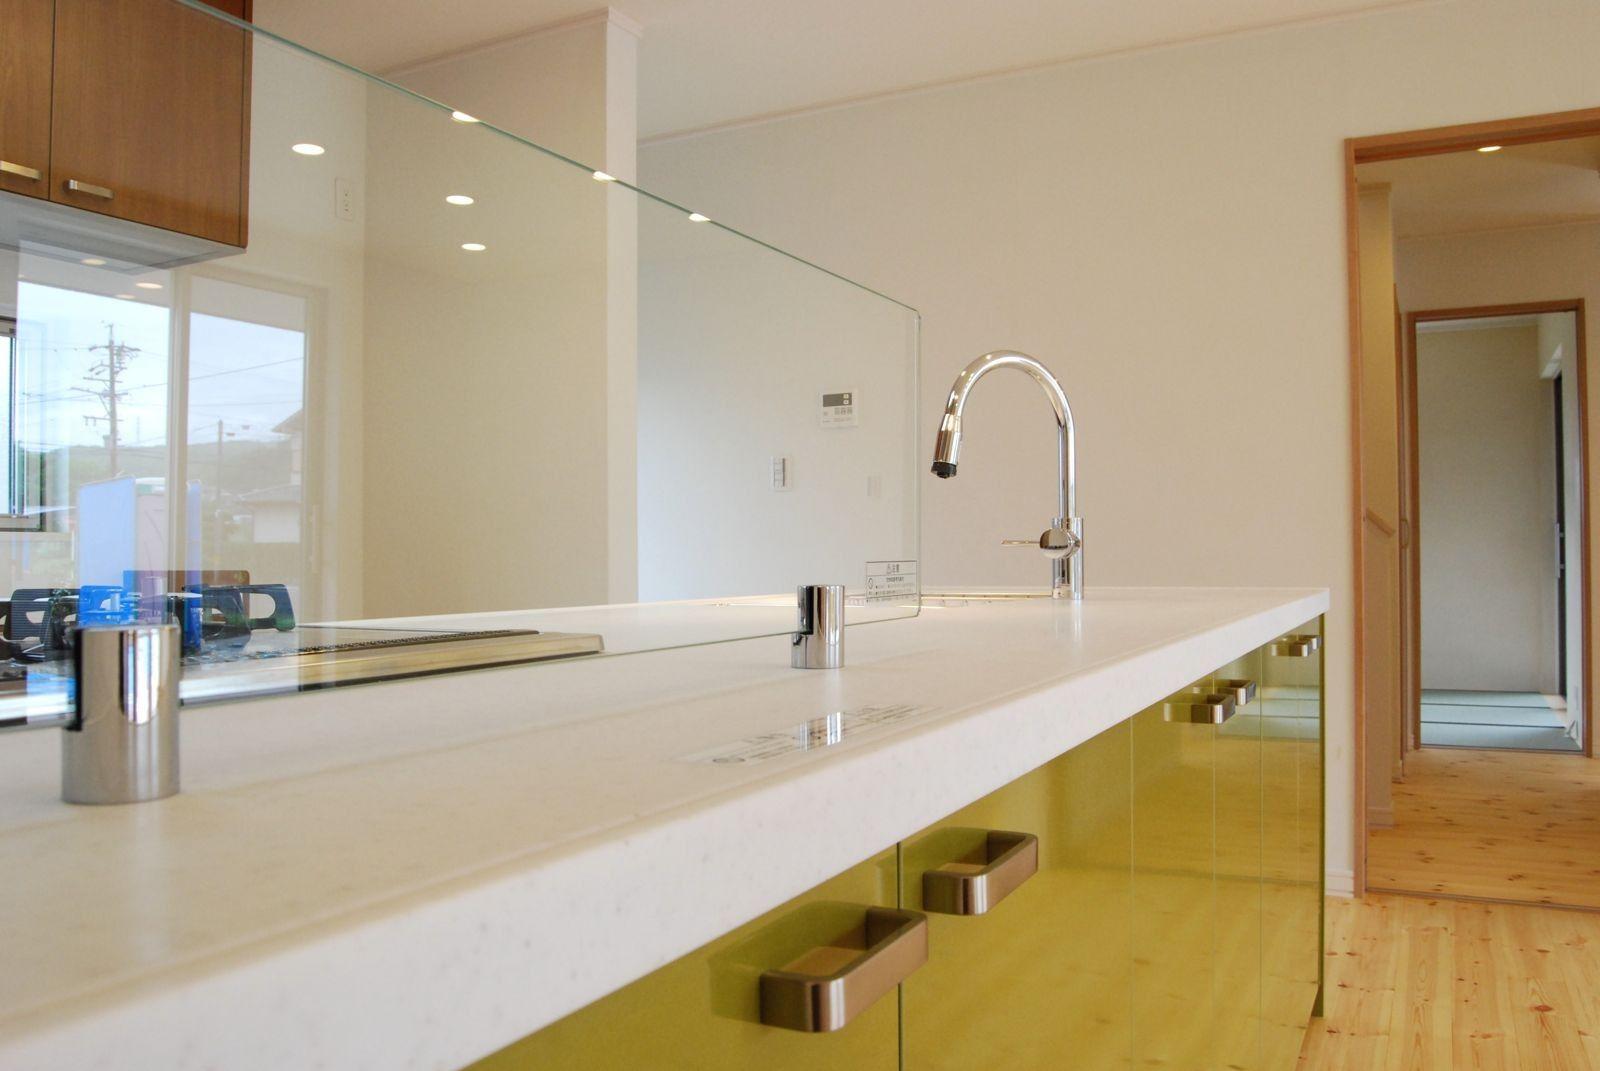 漆喰壁や無垢床で仕上げたナチュラルなインテリア実例 天井と壁を